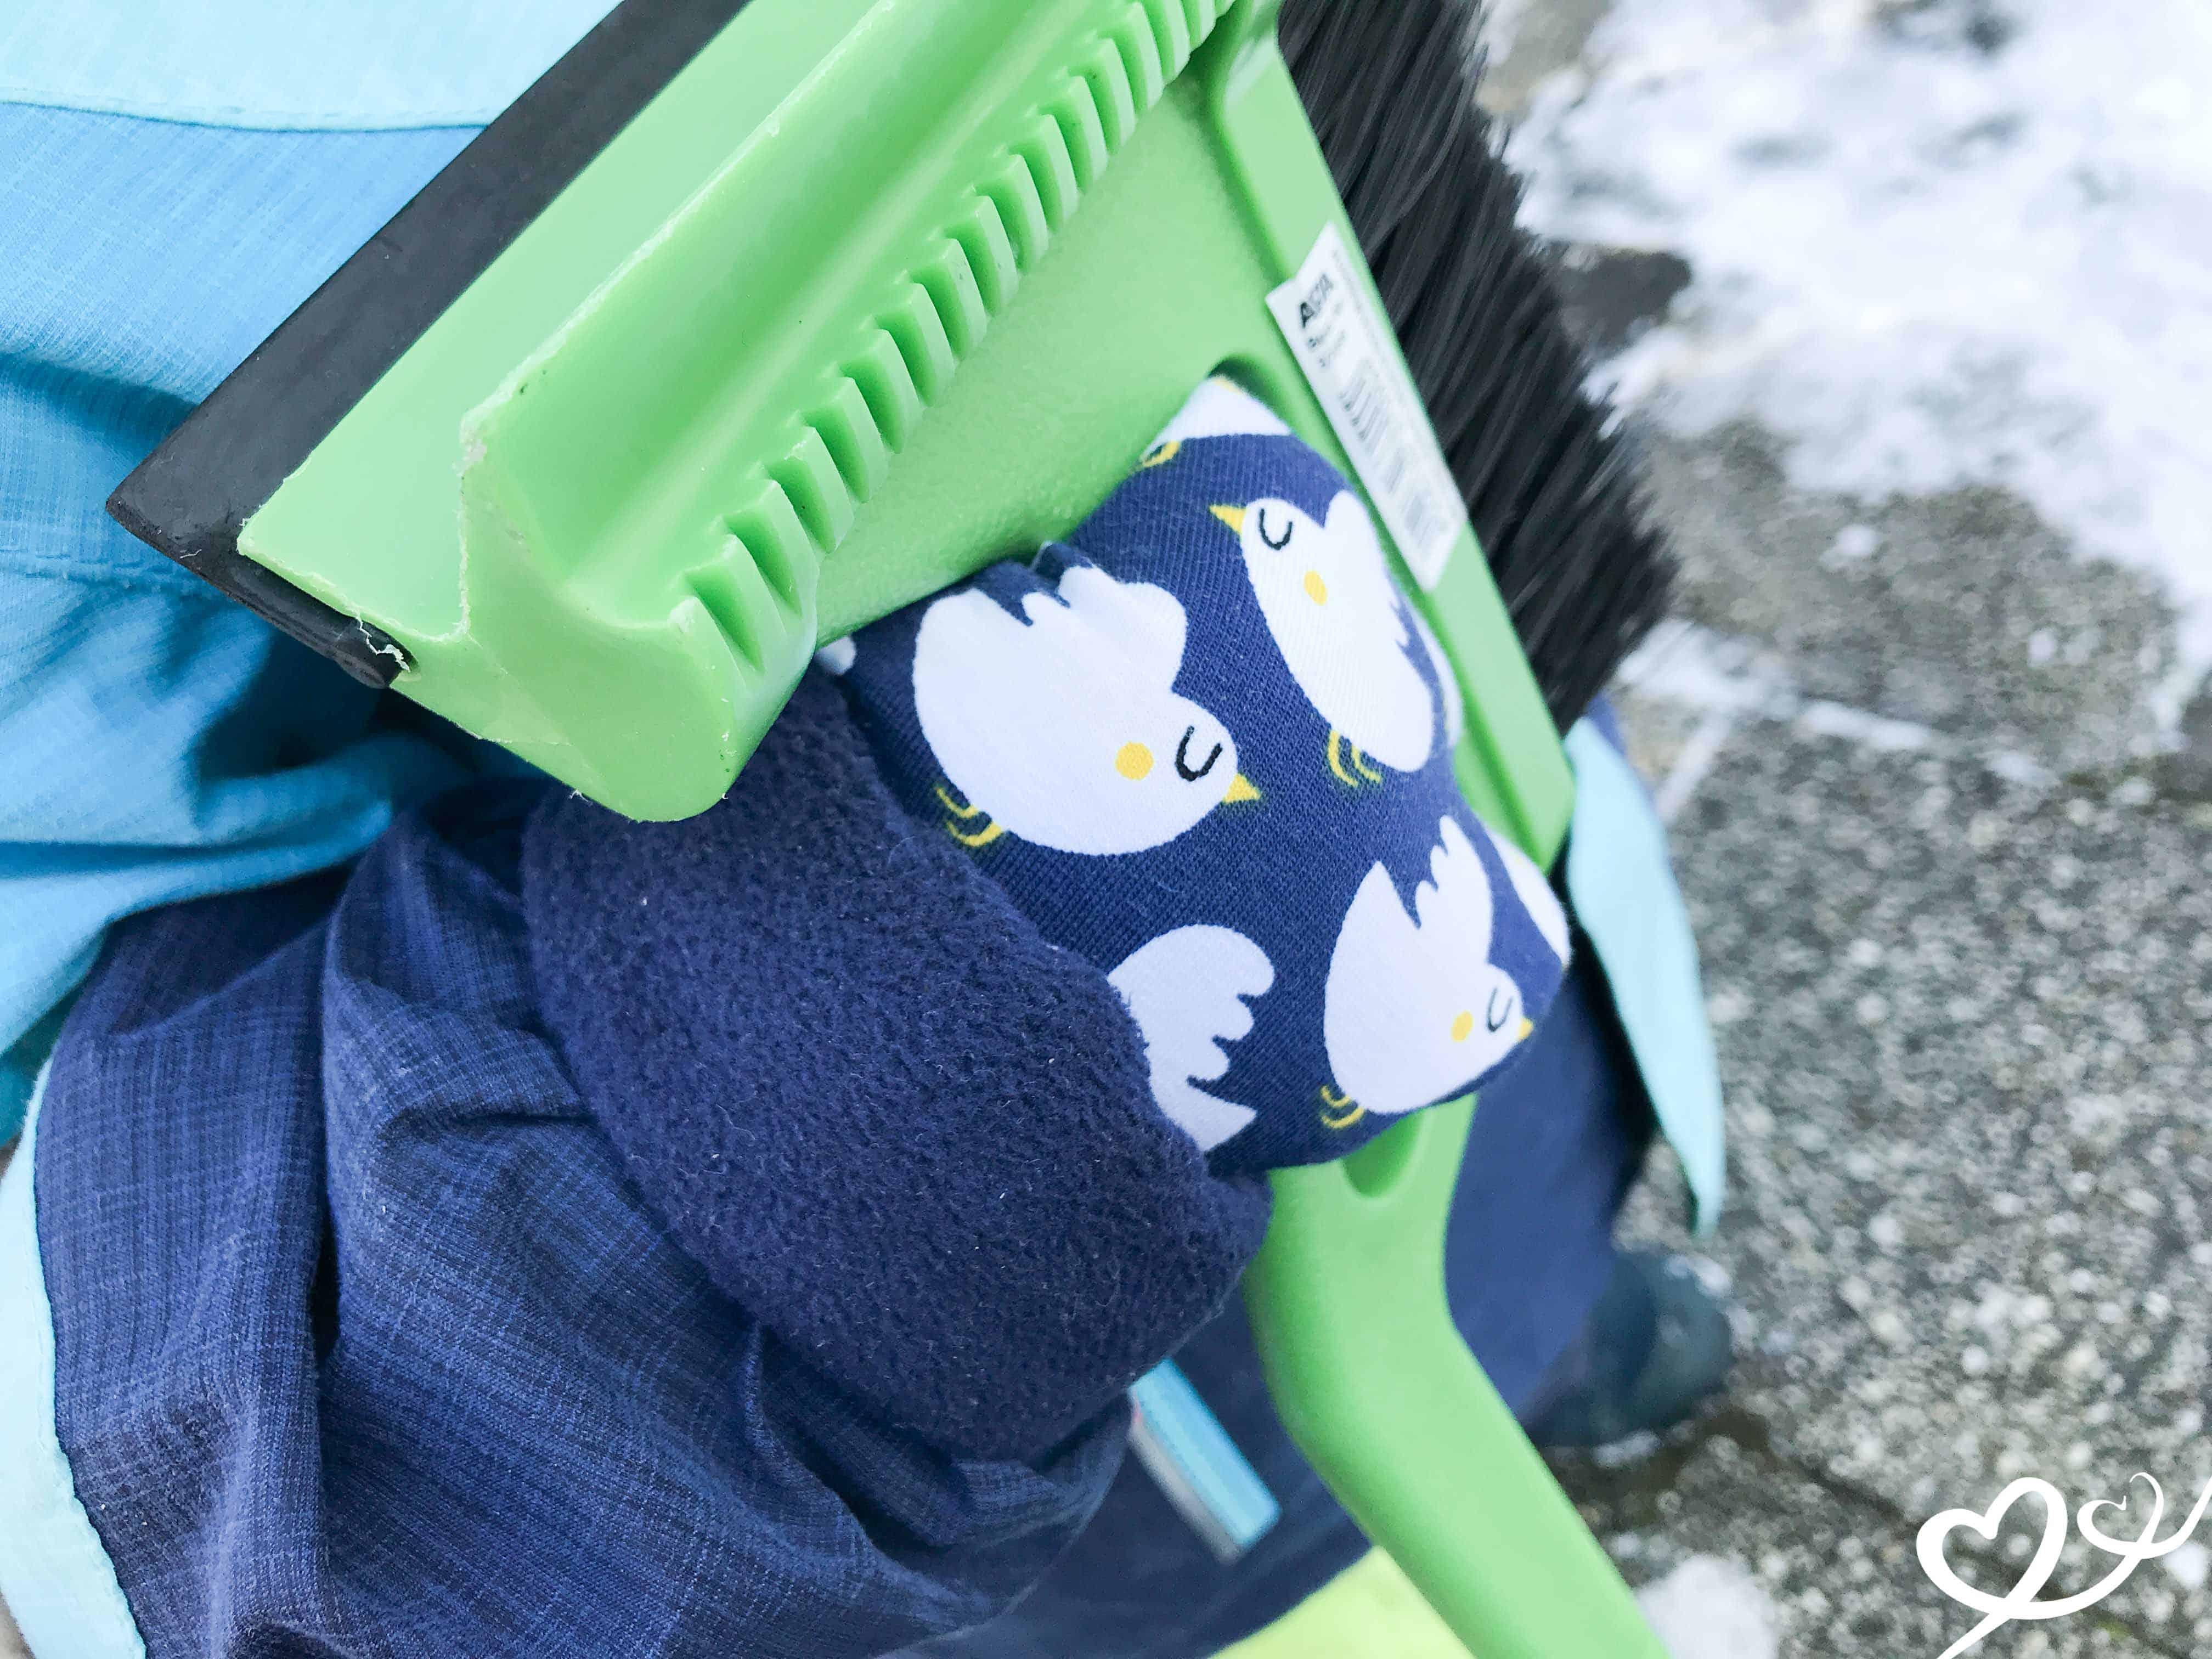 Anleitung für schnelle maßgeschneiderte Handschuhe für Kinder, Babys und Erwachsene. In zwei Varianten - einfach oder gefüttert zum Wenden! Mamas Sachen | Nähen | Anleitung | Handschuhe | Fäustlinge | schnell | wendbar | Schnittmuster | Winter